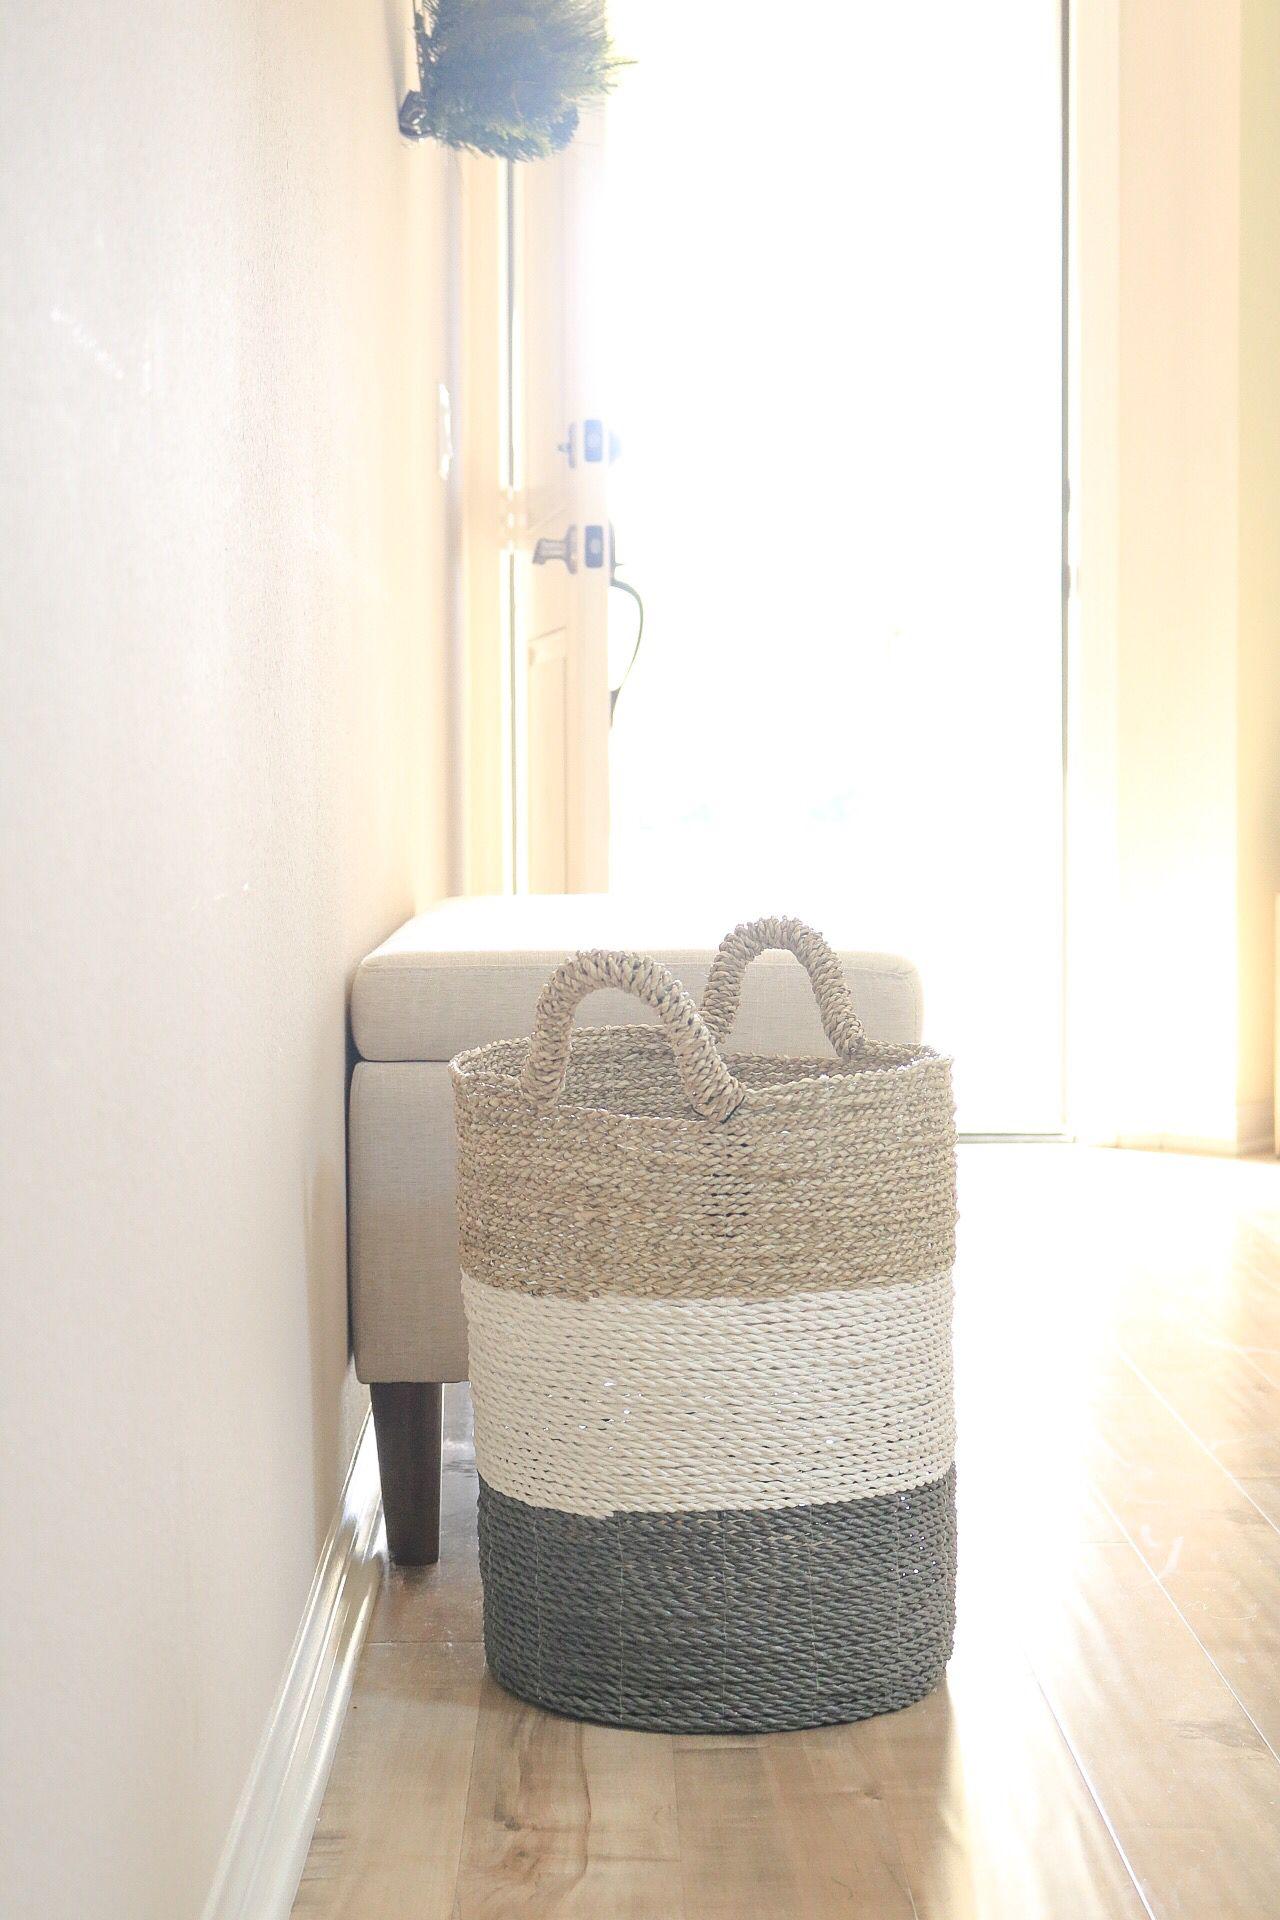 Homegoods Find Basket Baskets Homedecor Laundry Hamper White